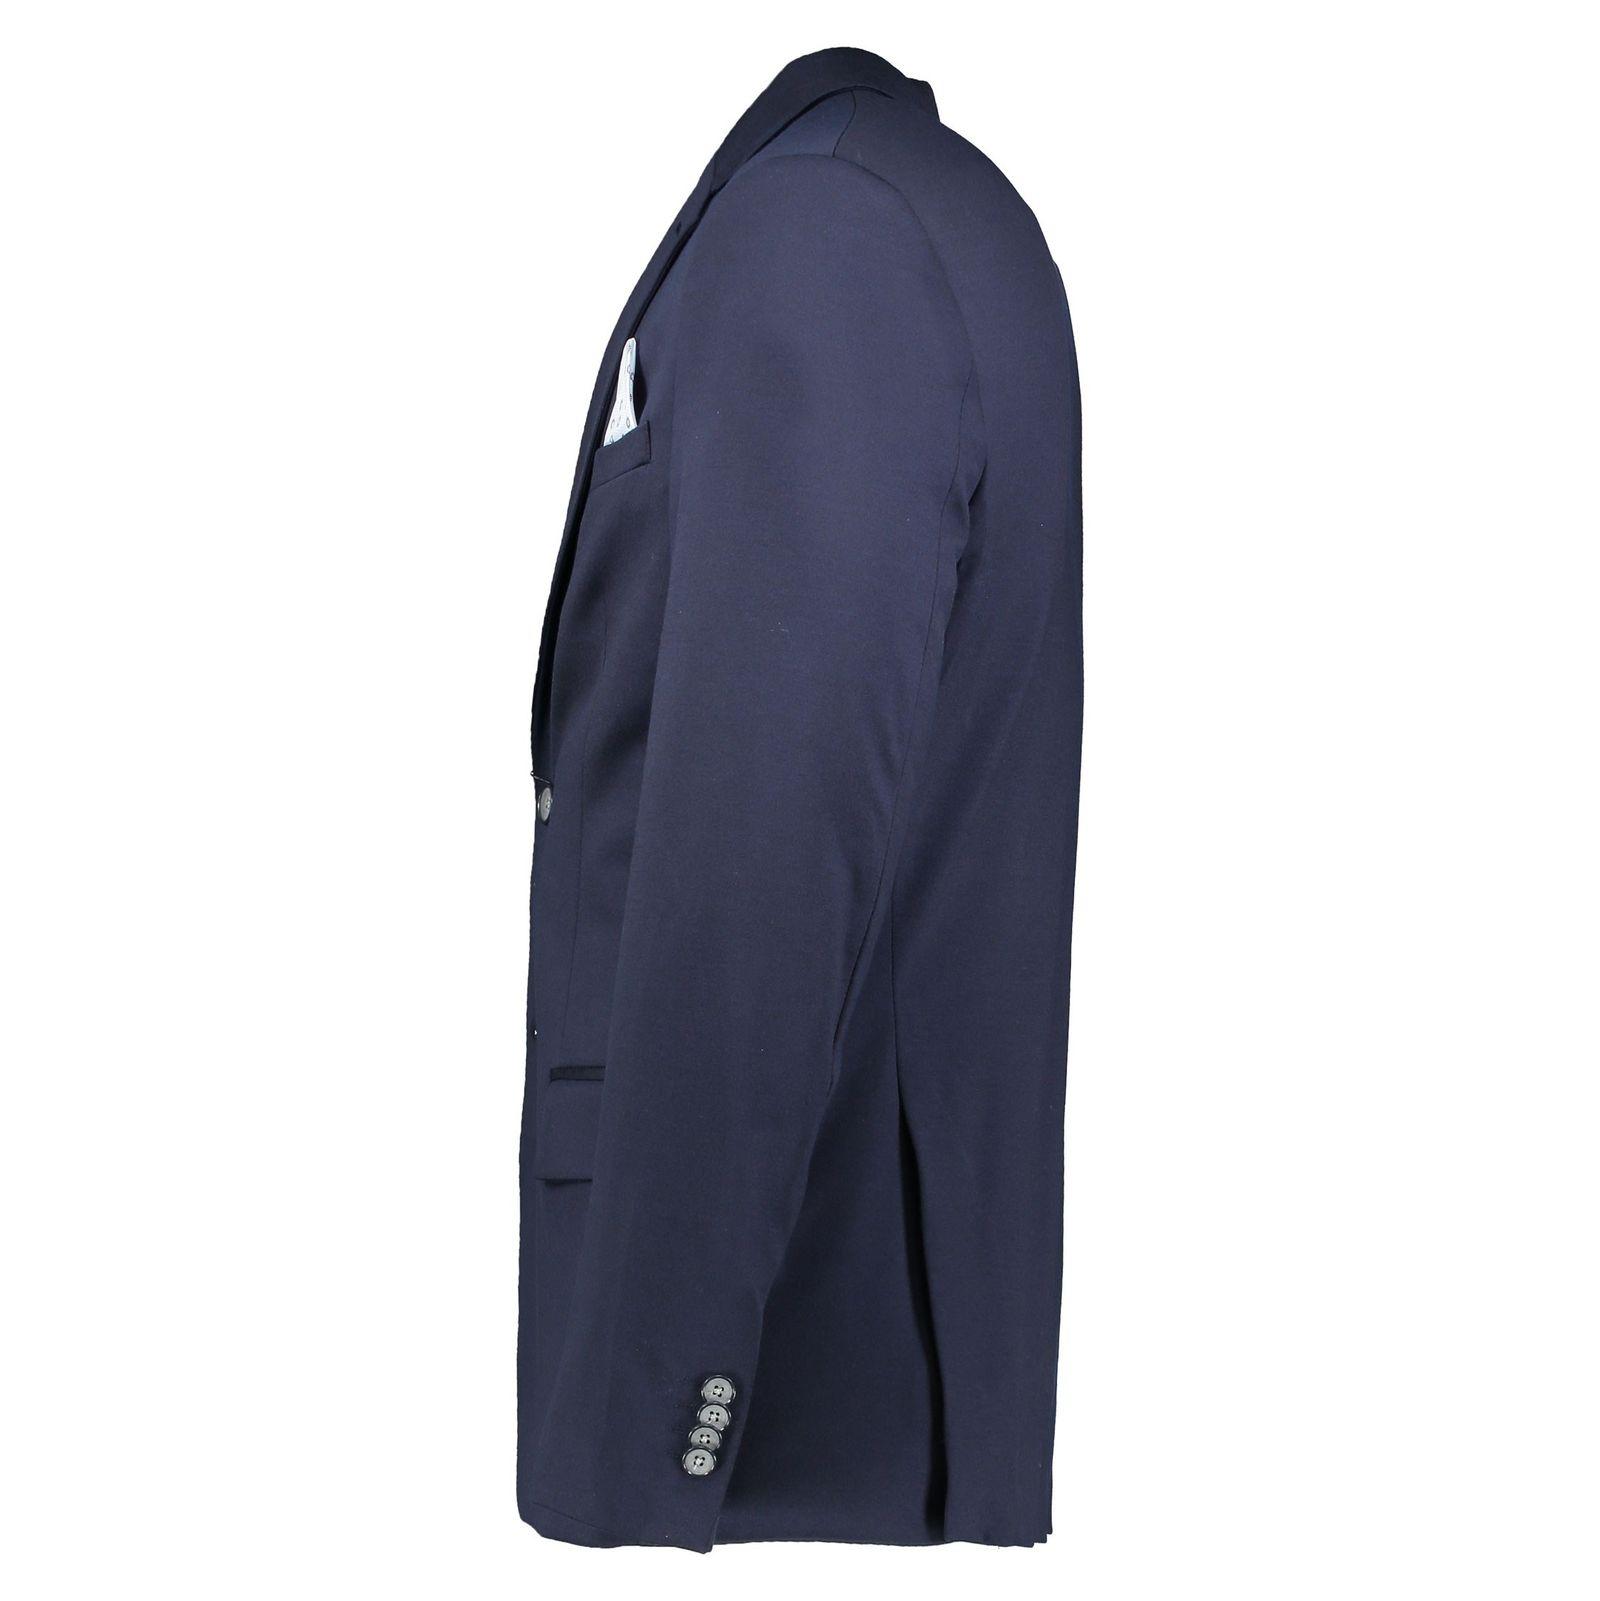 کت تک رسمی مردانه - یوپیم - سرمه اي - 3